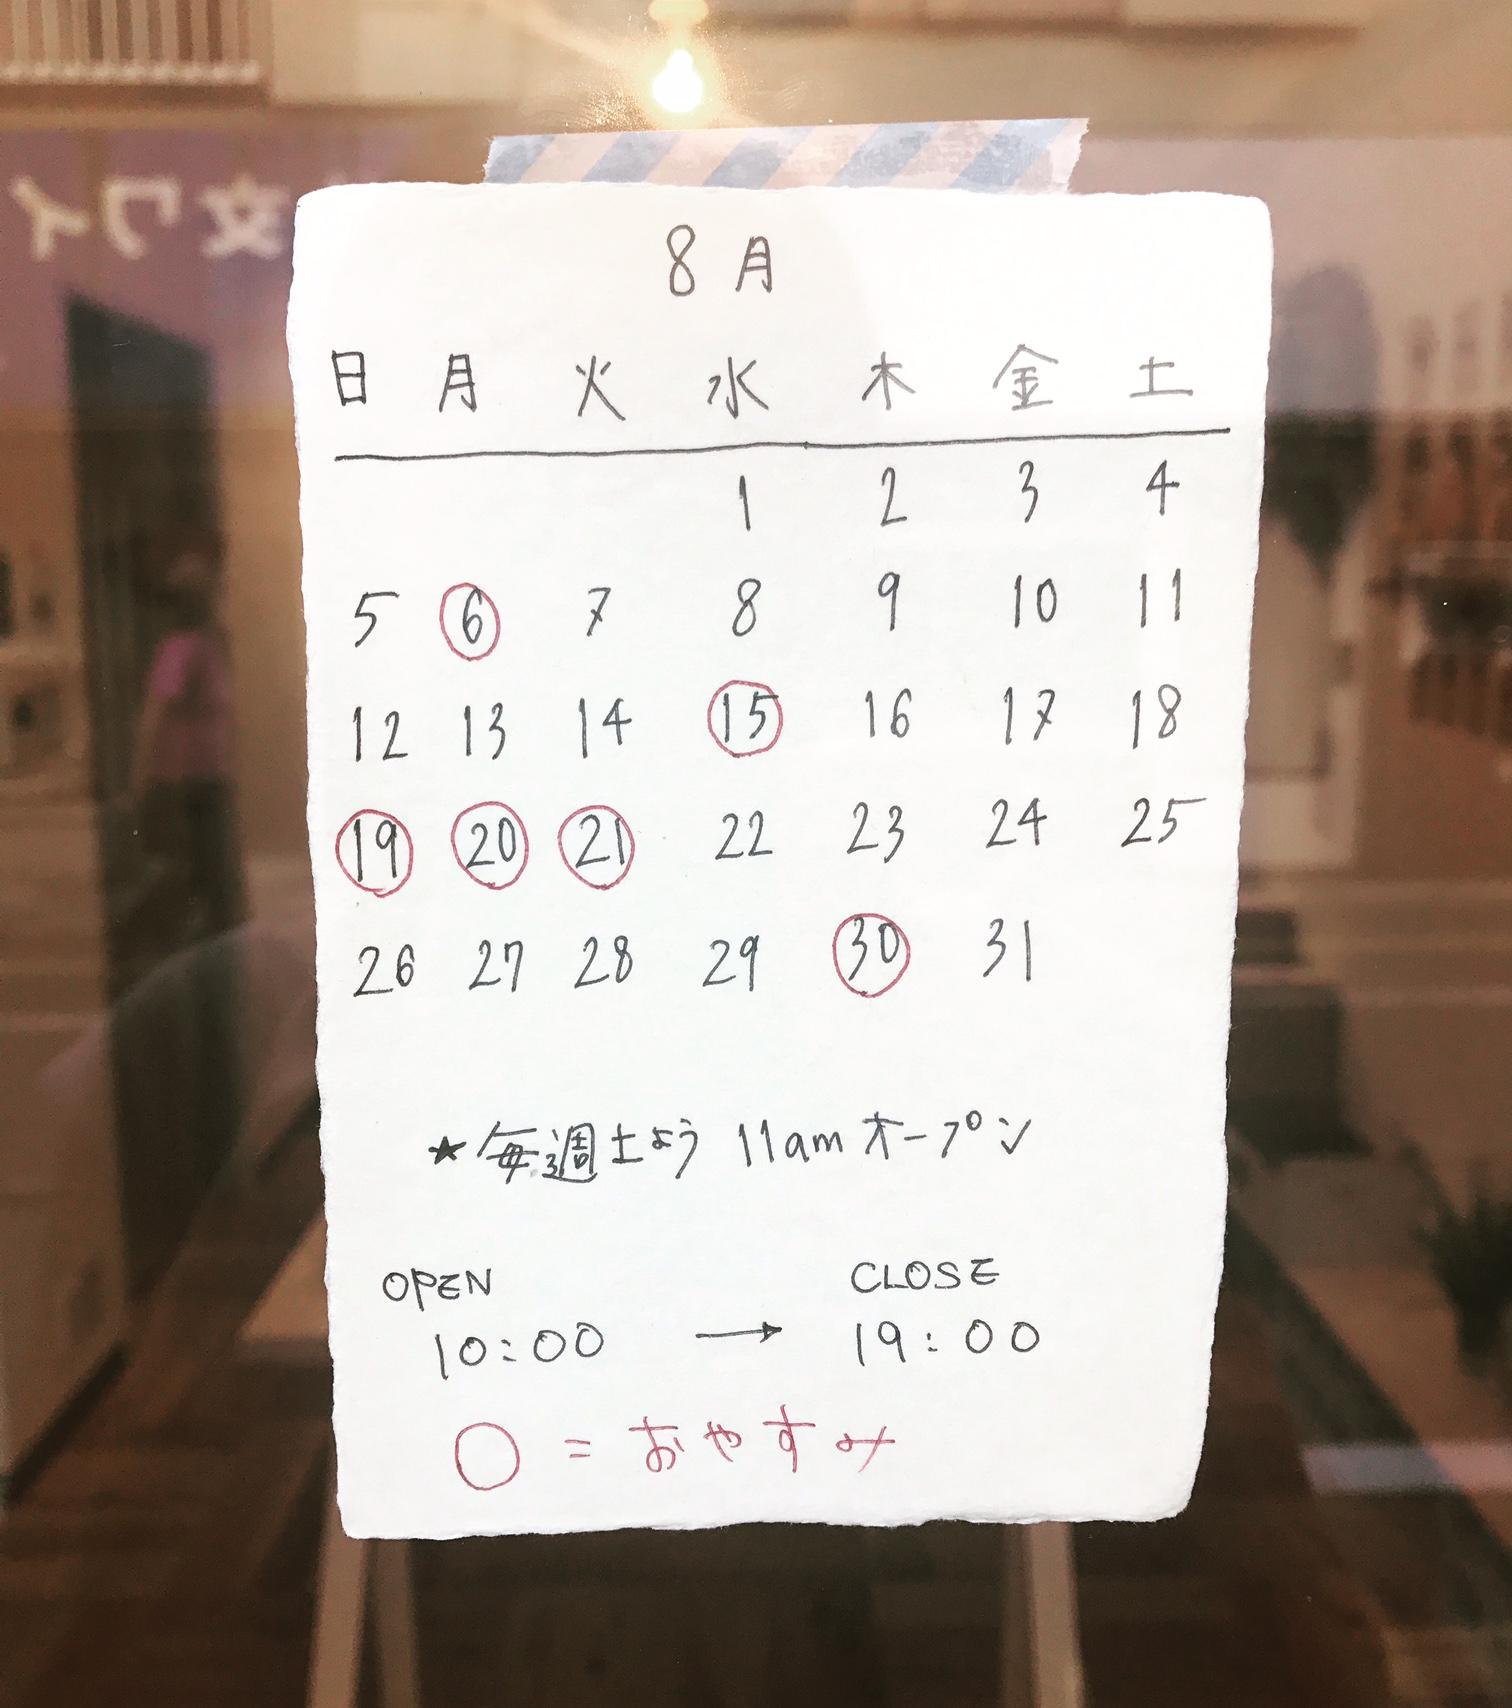 2018年8月の営業日ー松陰神社前店ー & イベントカレンダー